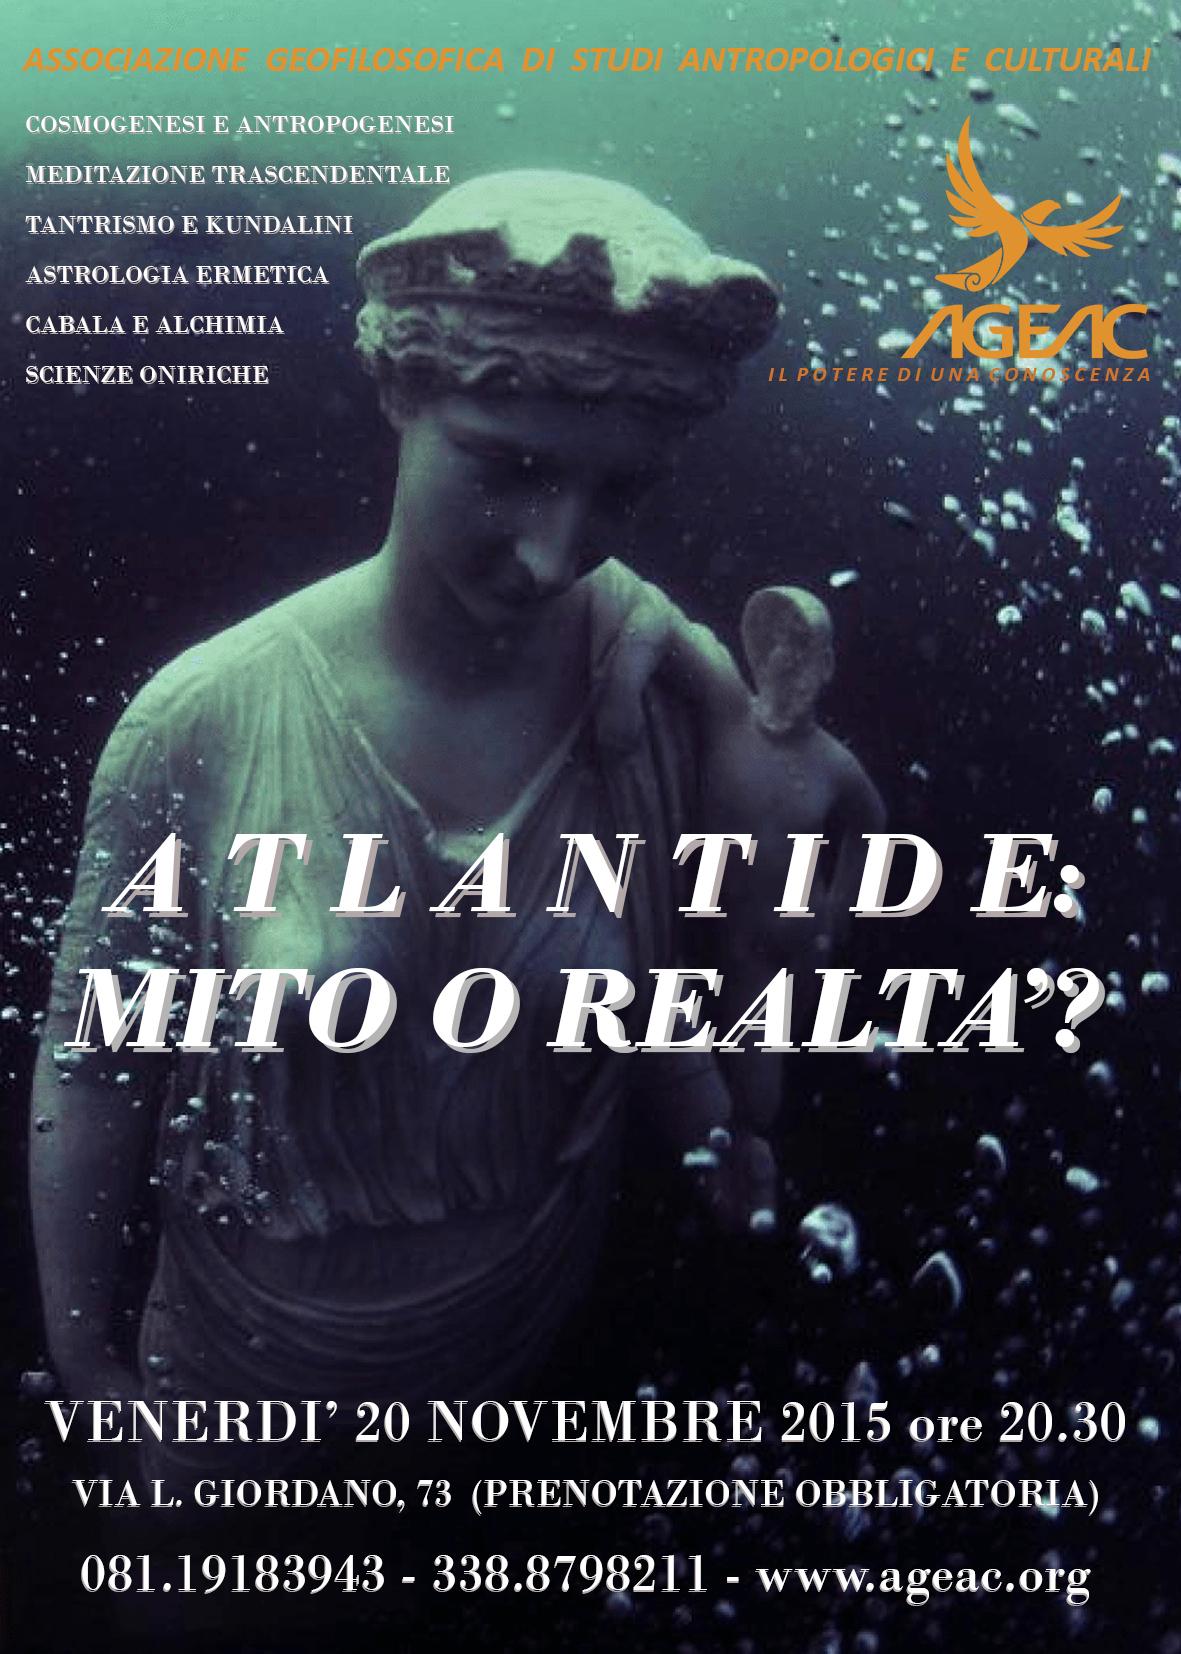 """""""Atlantide, mito e realtà"""": venerdì 20 novembre per investigare sui segreti della razza atlantidea"""